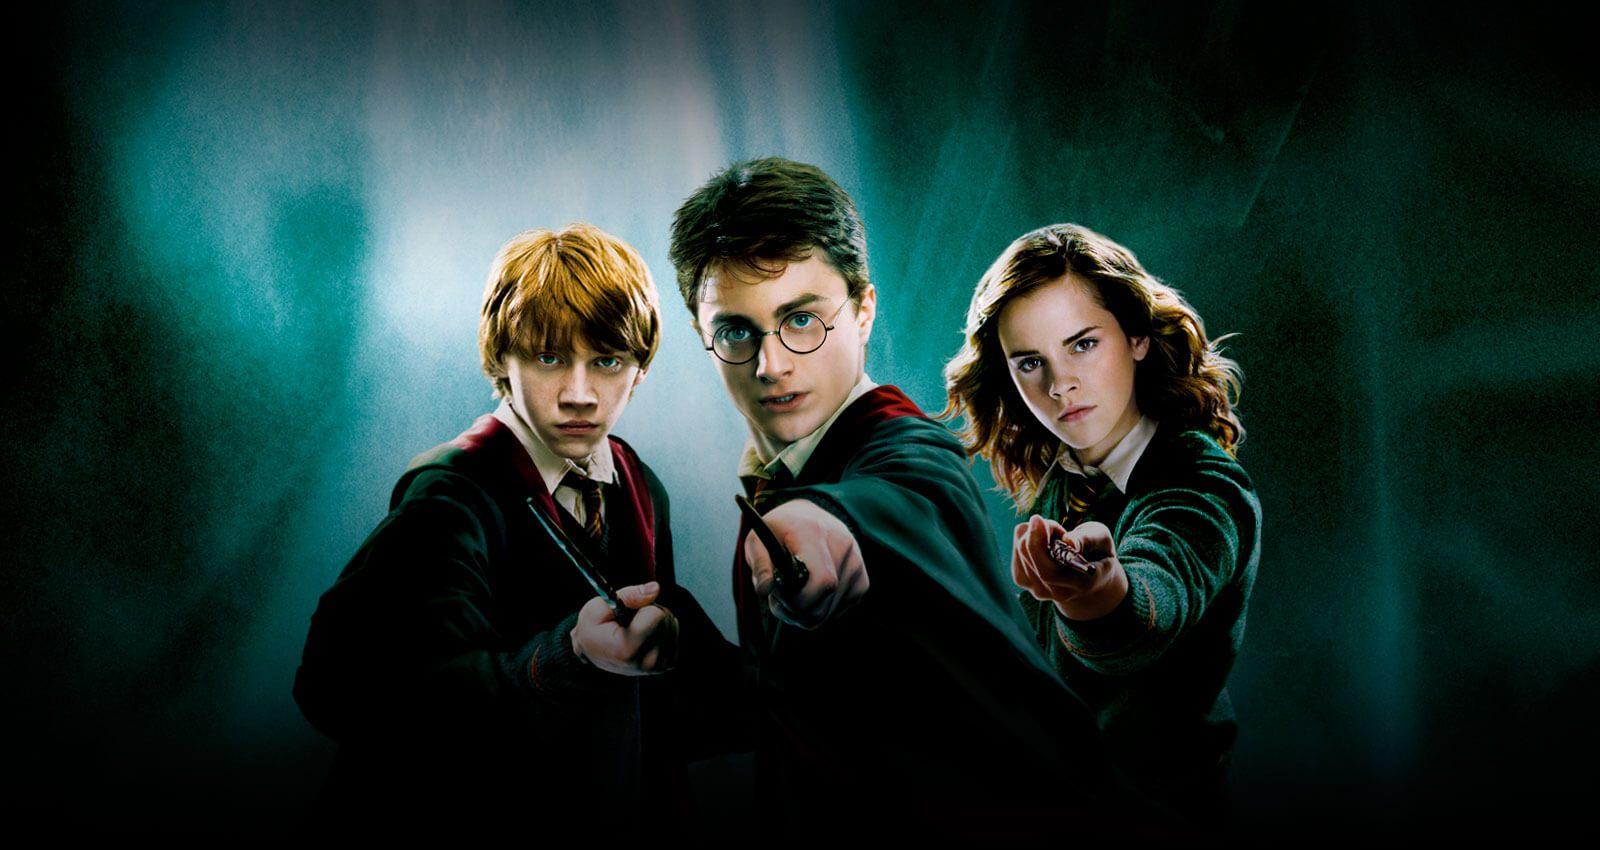 Dal 12 maggio al 9 settembre la Fabbrica del Vapore di Milano ospiterà Harry Potter: The Exhibition